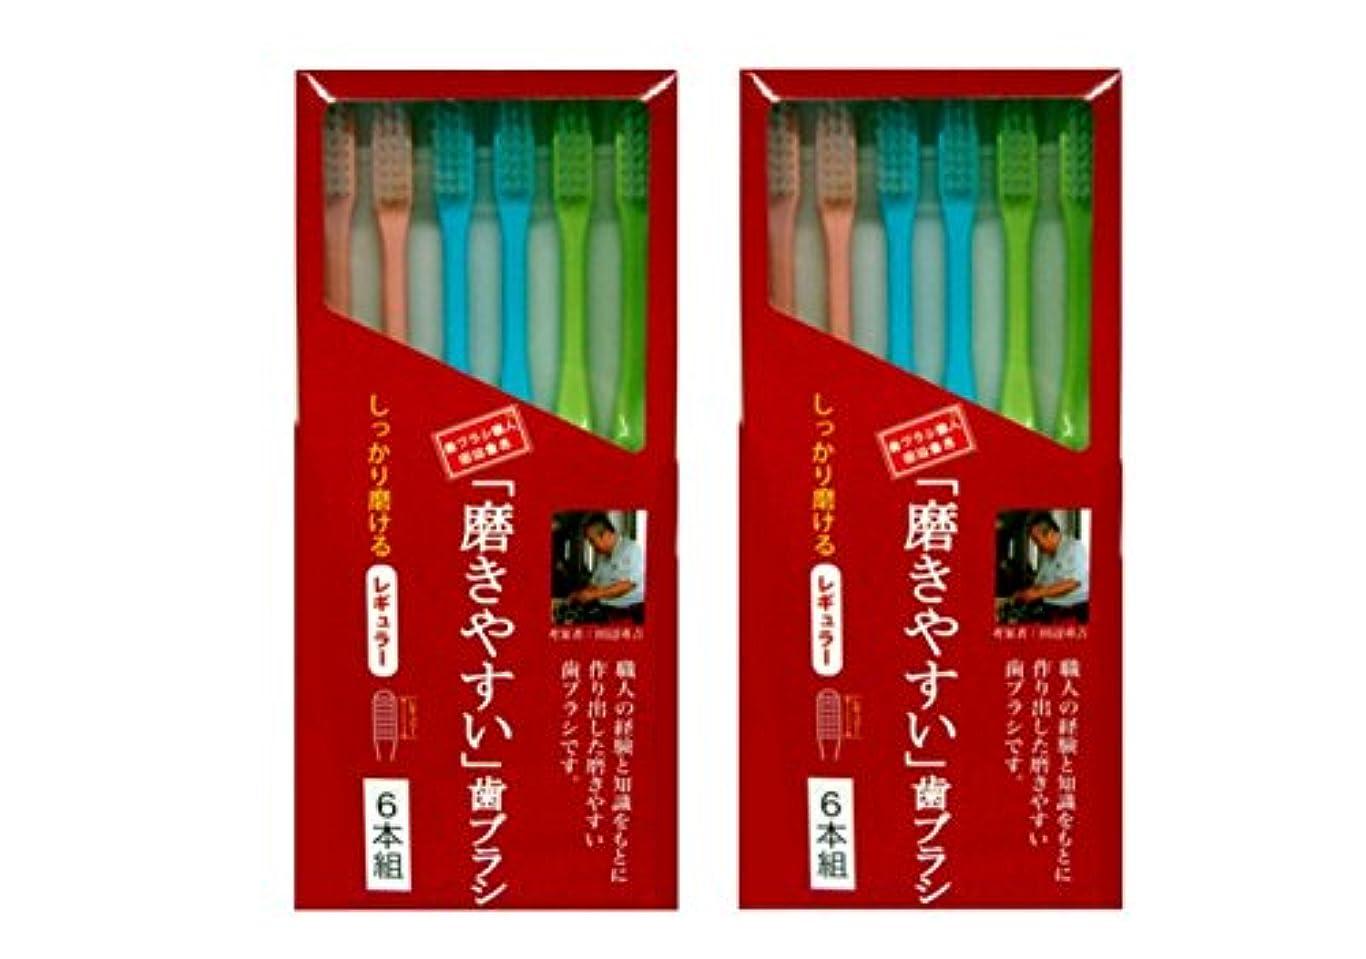 ちらつき差し引く爵磨きやすい歯ブラシ 6本組 レギュラータイプ×2個セット